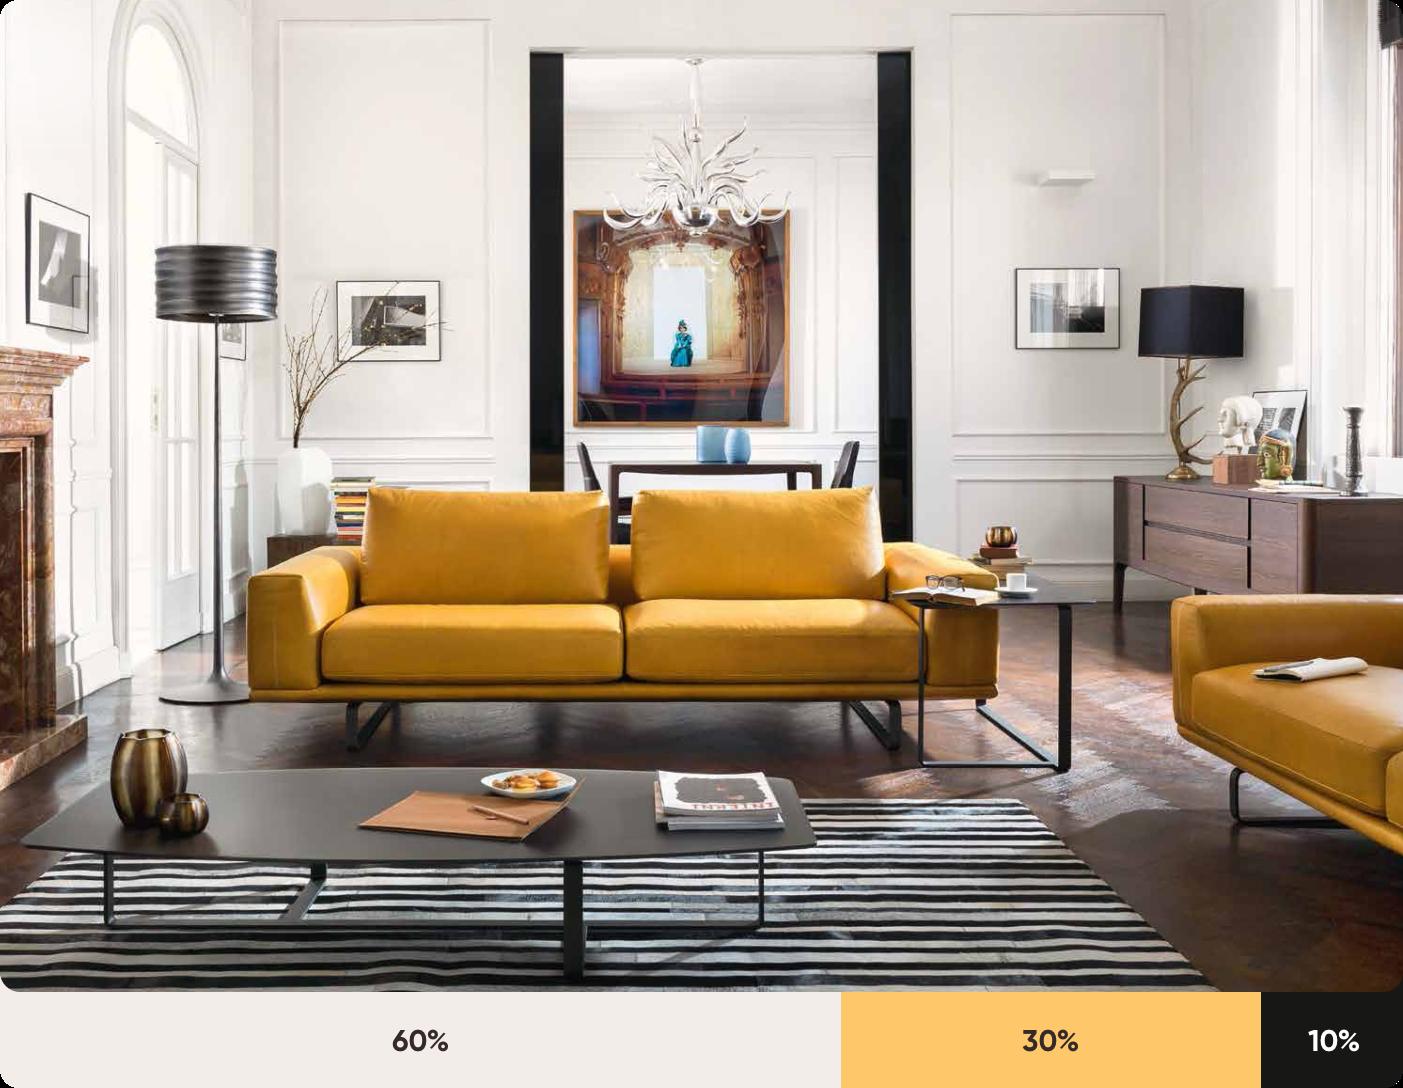 Gợi ý màu sơn nhà đẹp theo quy tắc 60 - 30 - 10